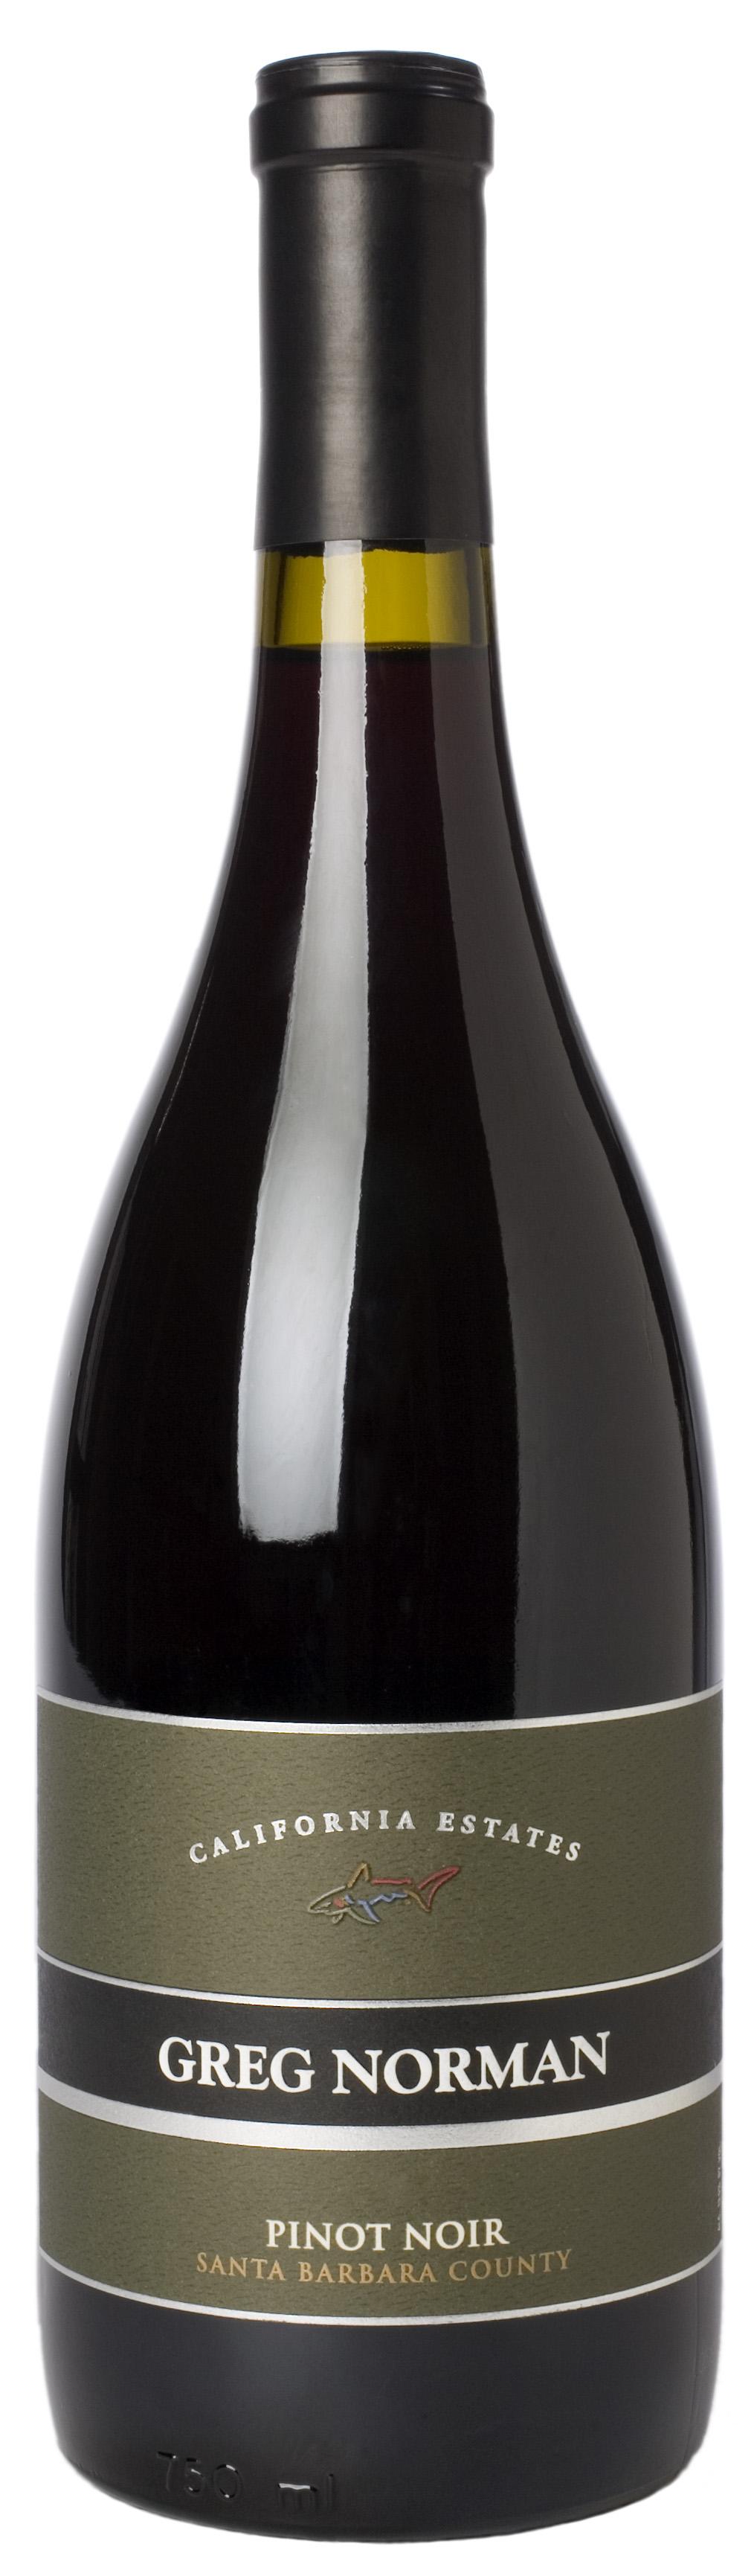 Greg Norman Pinot Noir Pinot Noir Wine Connoisseur Pinot Noir Wine